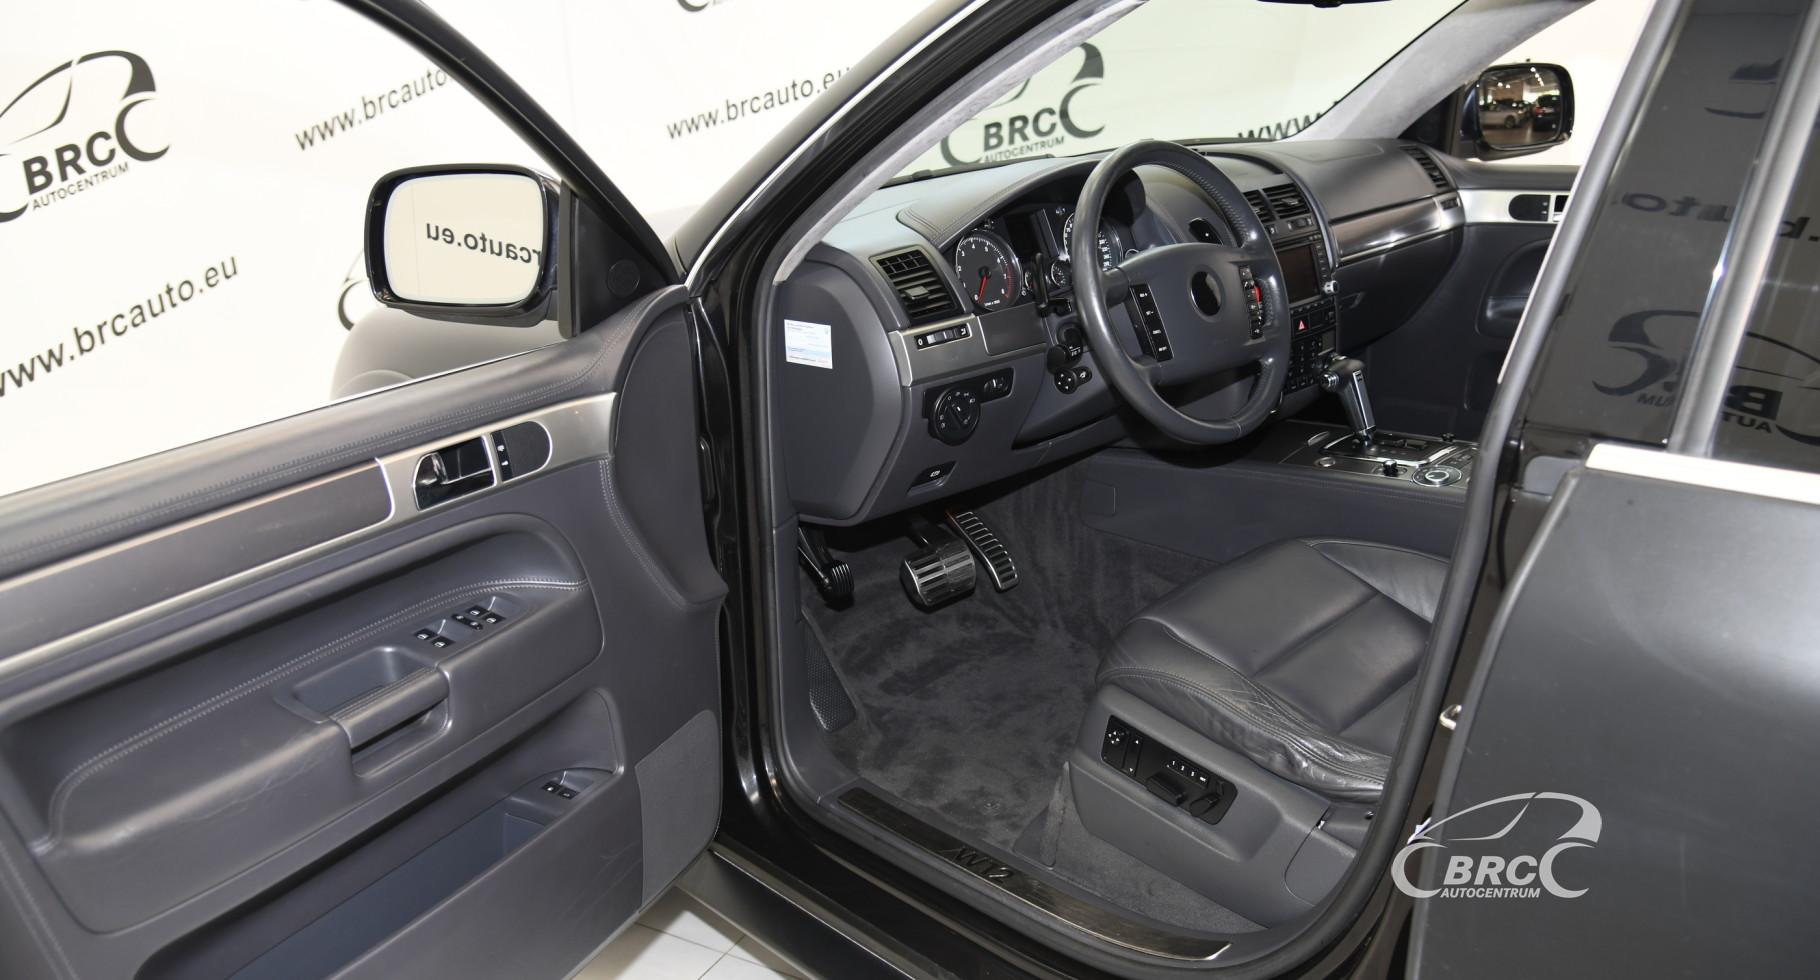 Volkswagen Touareg 6.0 W12 4Motion Automatas